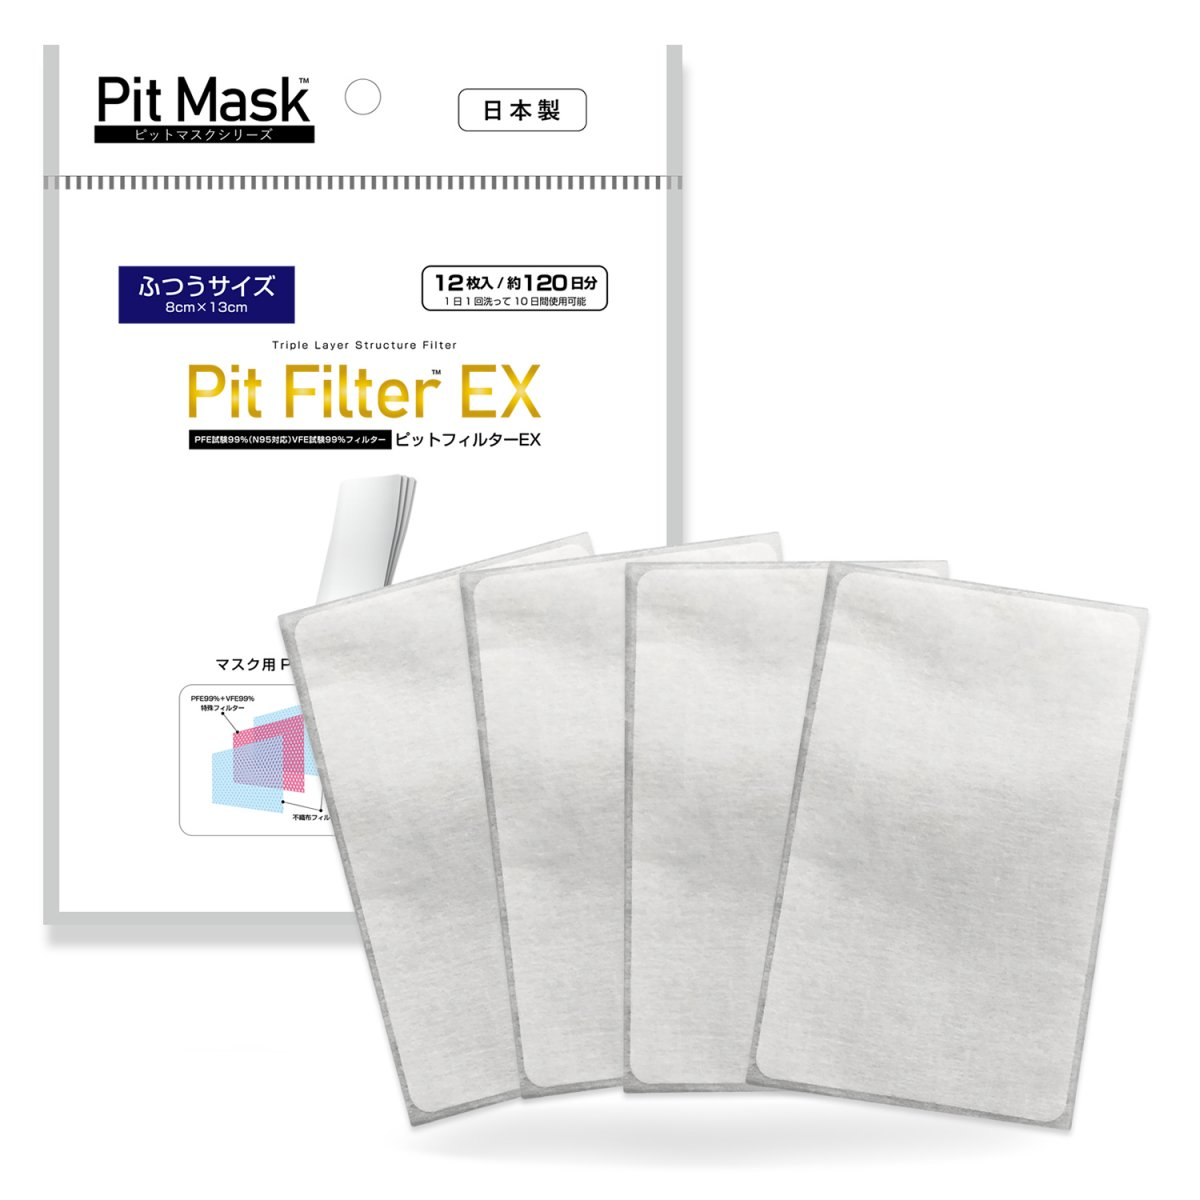 ピットフィルターEX 【N95対応|PFE99%|VFE99%】マスク用高機能フィルター